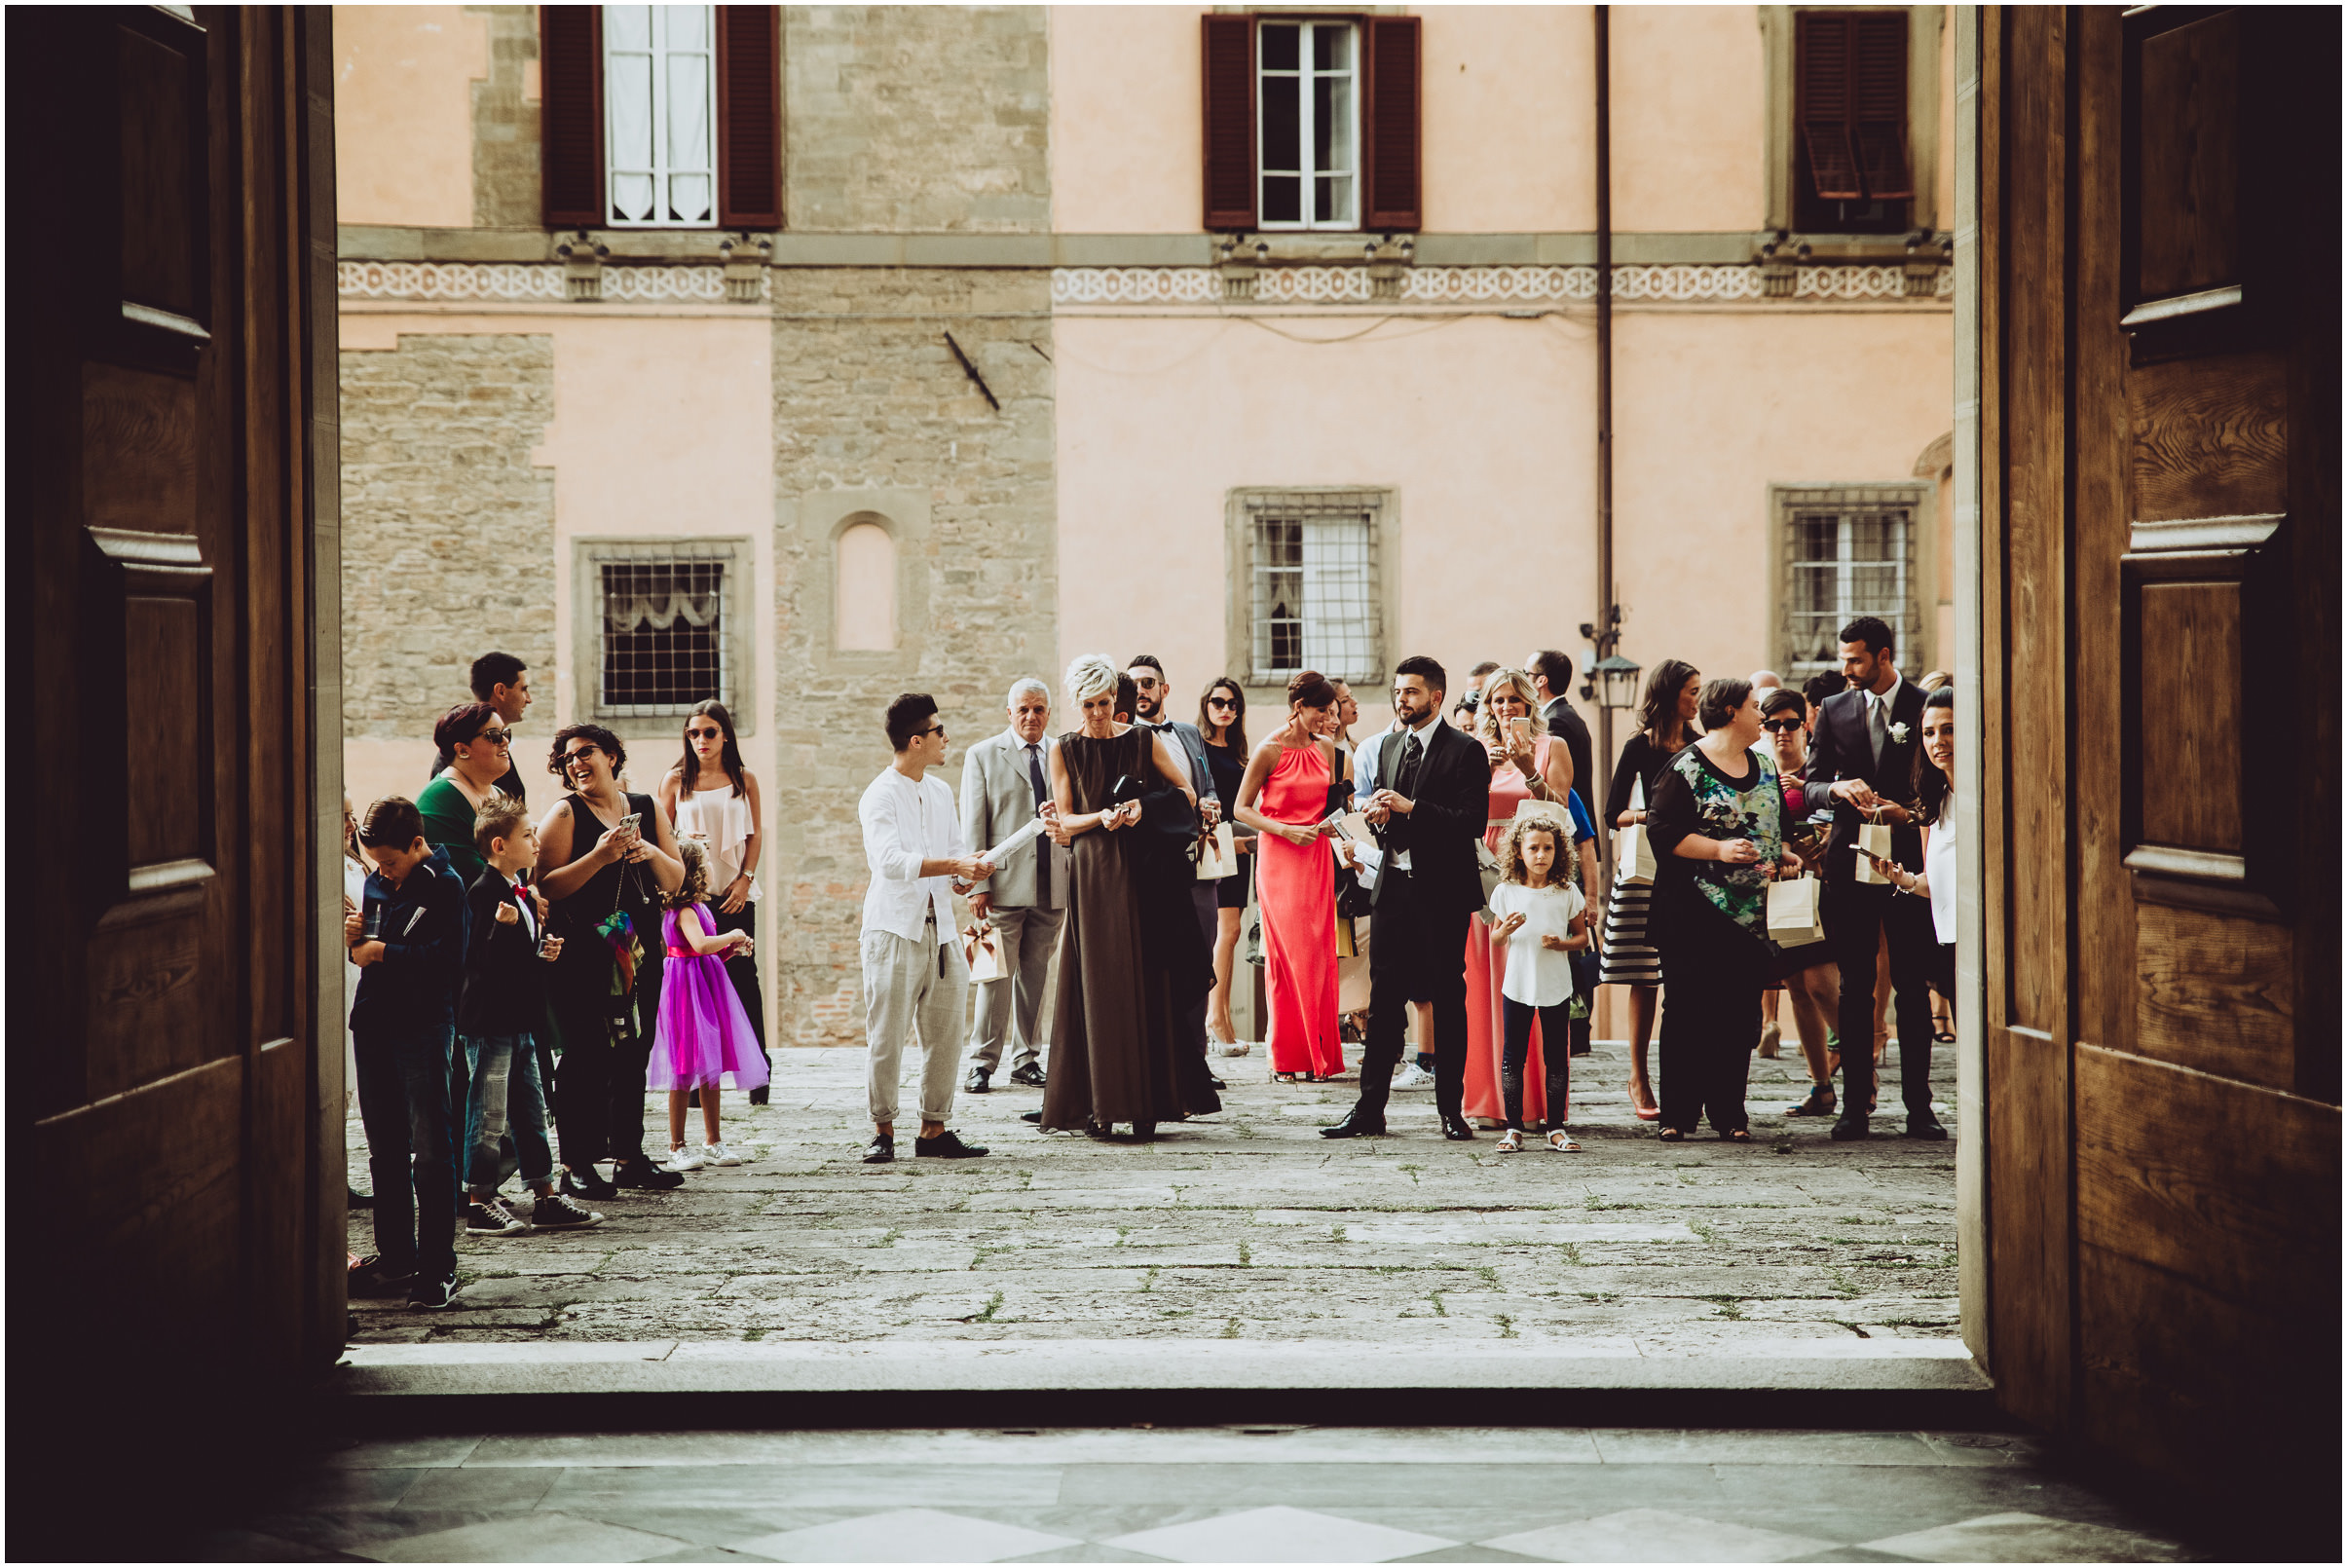 WEDDING-PHOTOGRAPHY-SARA-LORENZONI-FOTOGRAFIA-MATRIMONIO-AREZZO-TUSCANY-EVENTO-LE-SPOSE-DI-GIANNI-ELISA-LUCA025